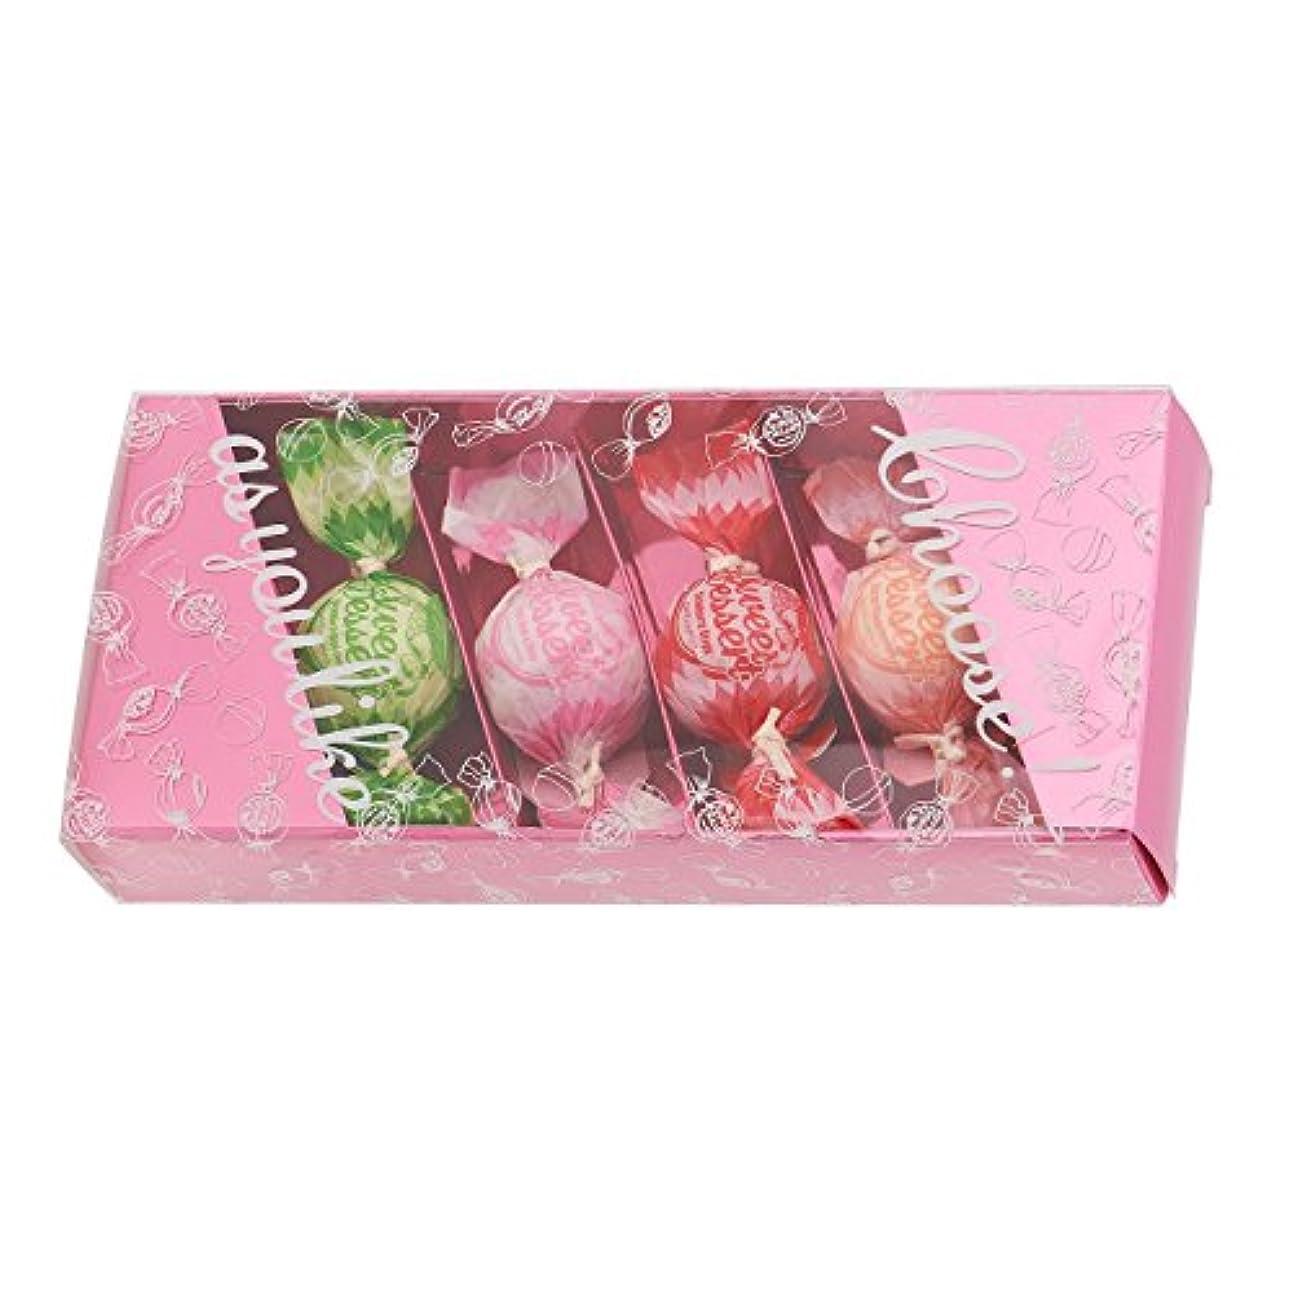 症候群免除する信頼性アマイワナ バスキャンディー4粒ギフトセット(35g×4個) ピンク(発泡タイプ入浴料 バスギフト)